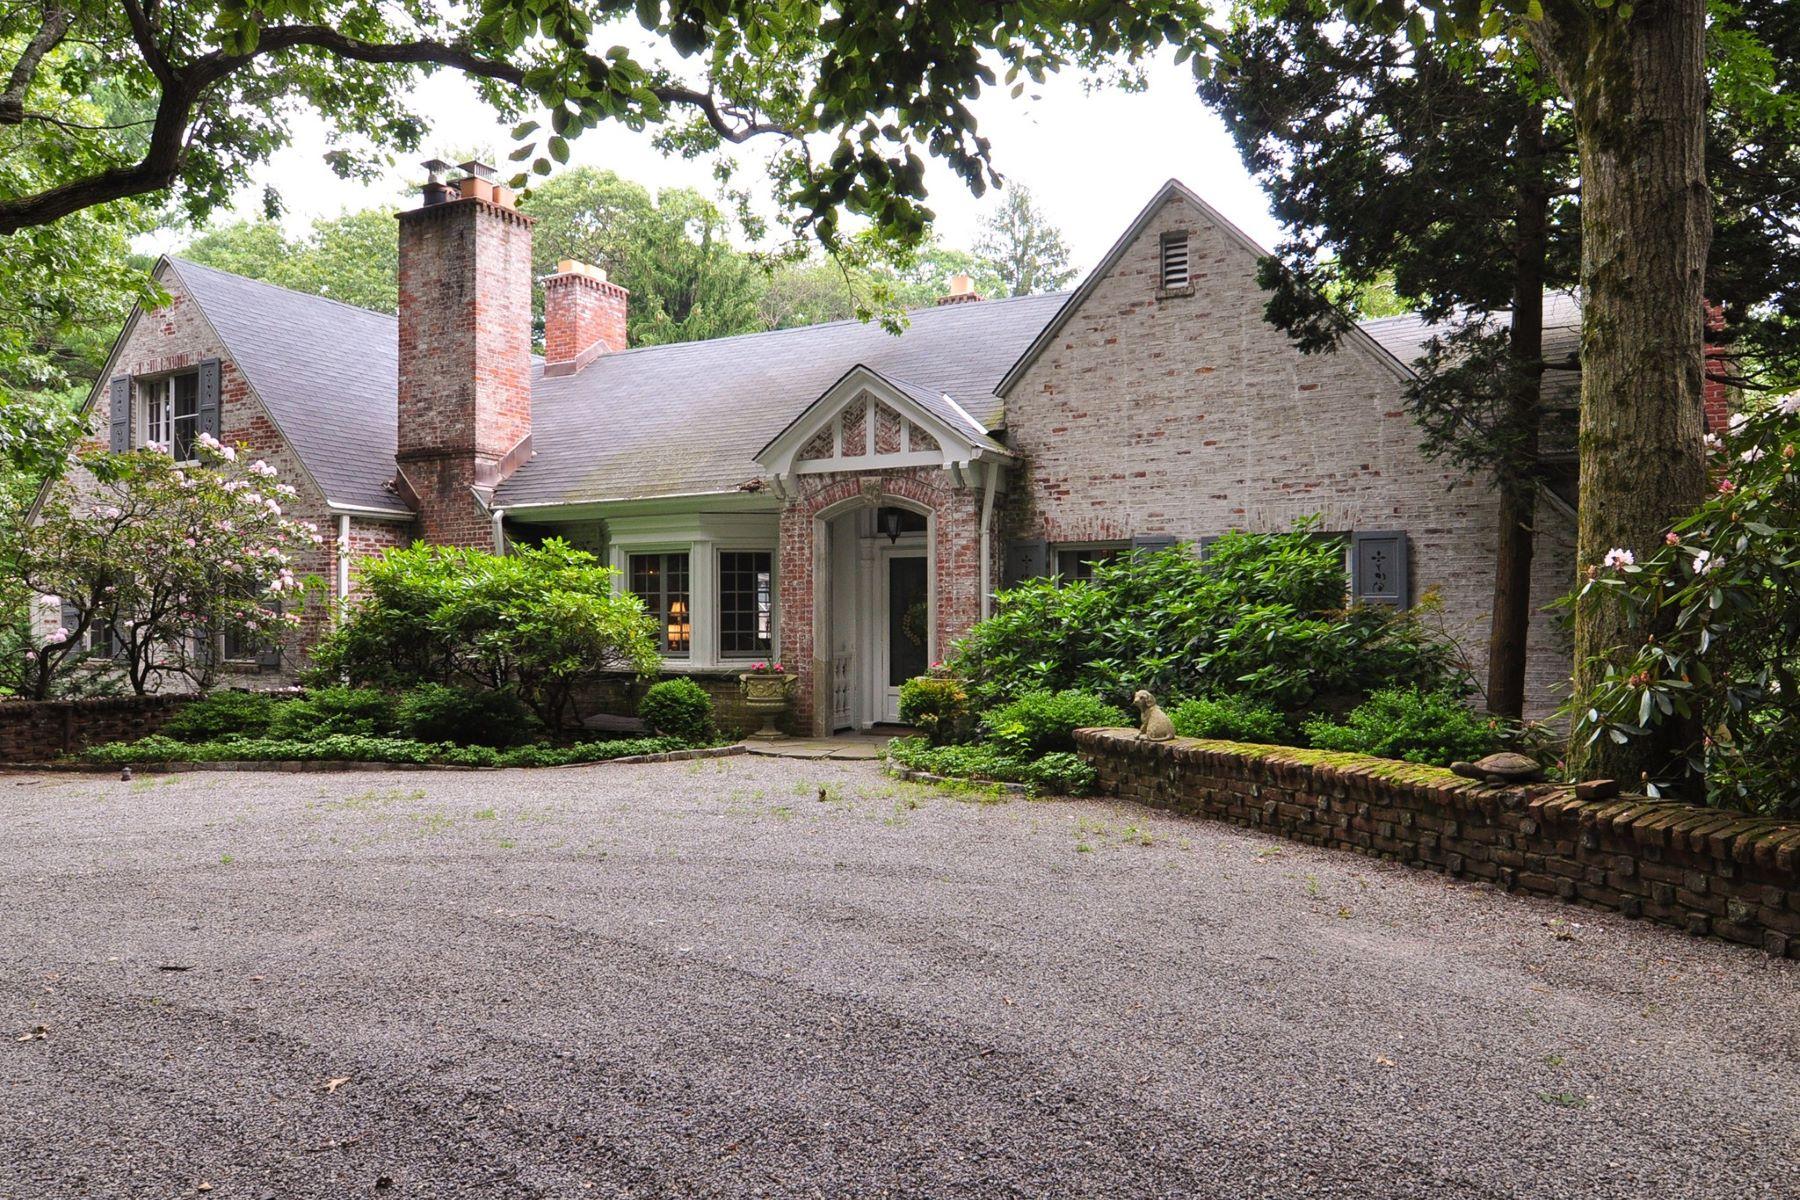 独户住宅 为 销售 在 816 Chicken Valley Rd , Locust Valley, NY 11560 816 Chicken Valley Rd, 卢卡斯特谷, 纽约州, 11560 美国